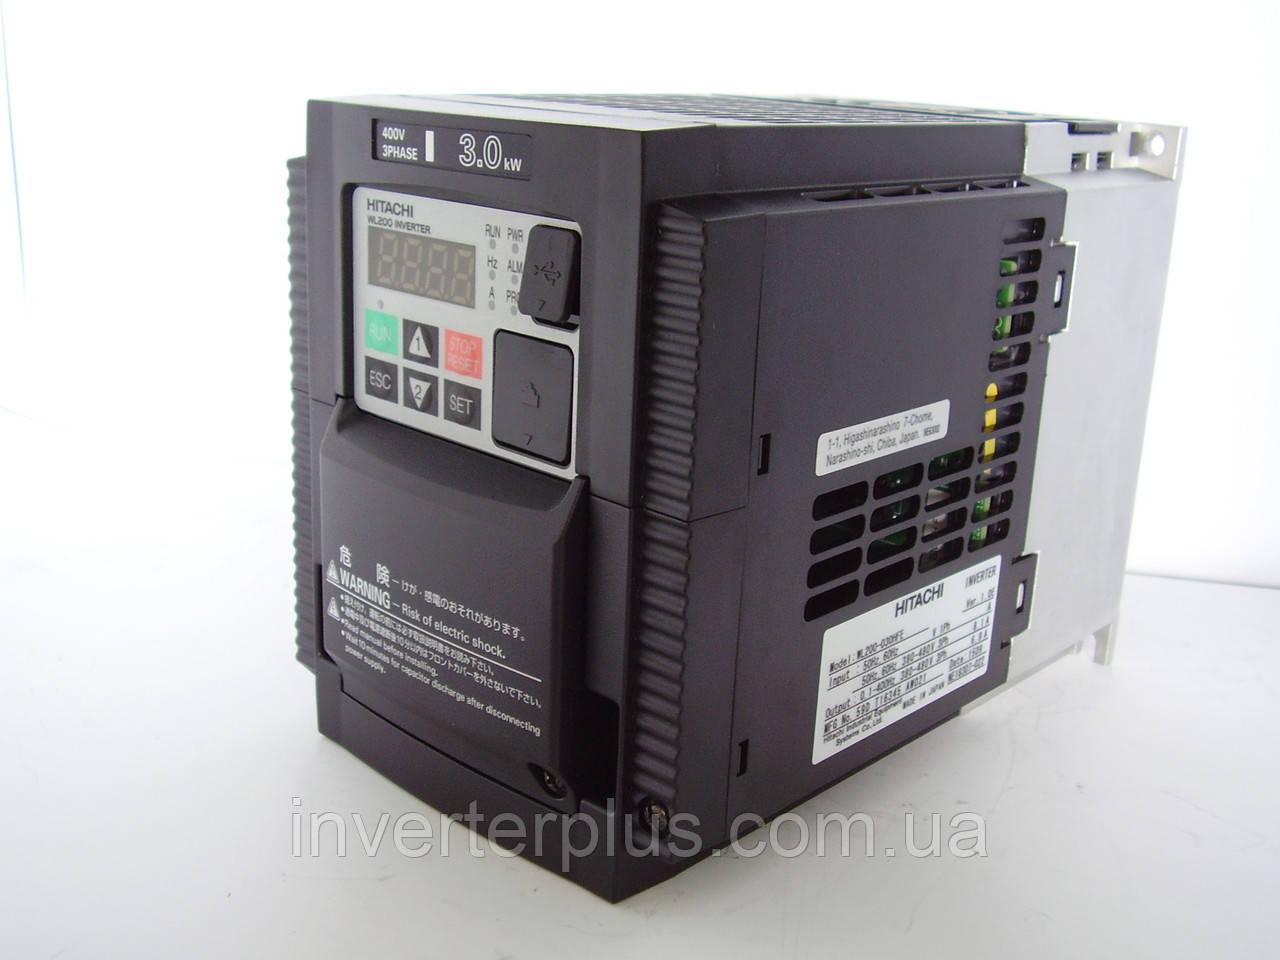 WL200-030НFE; 3кВт/380В. Частотники Hitachi